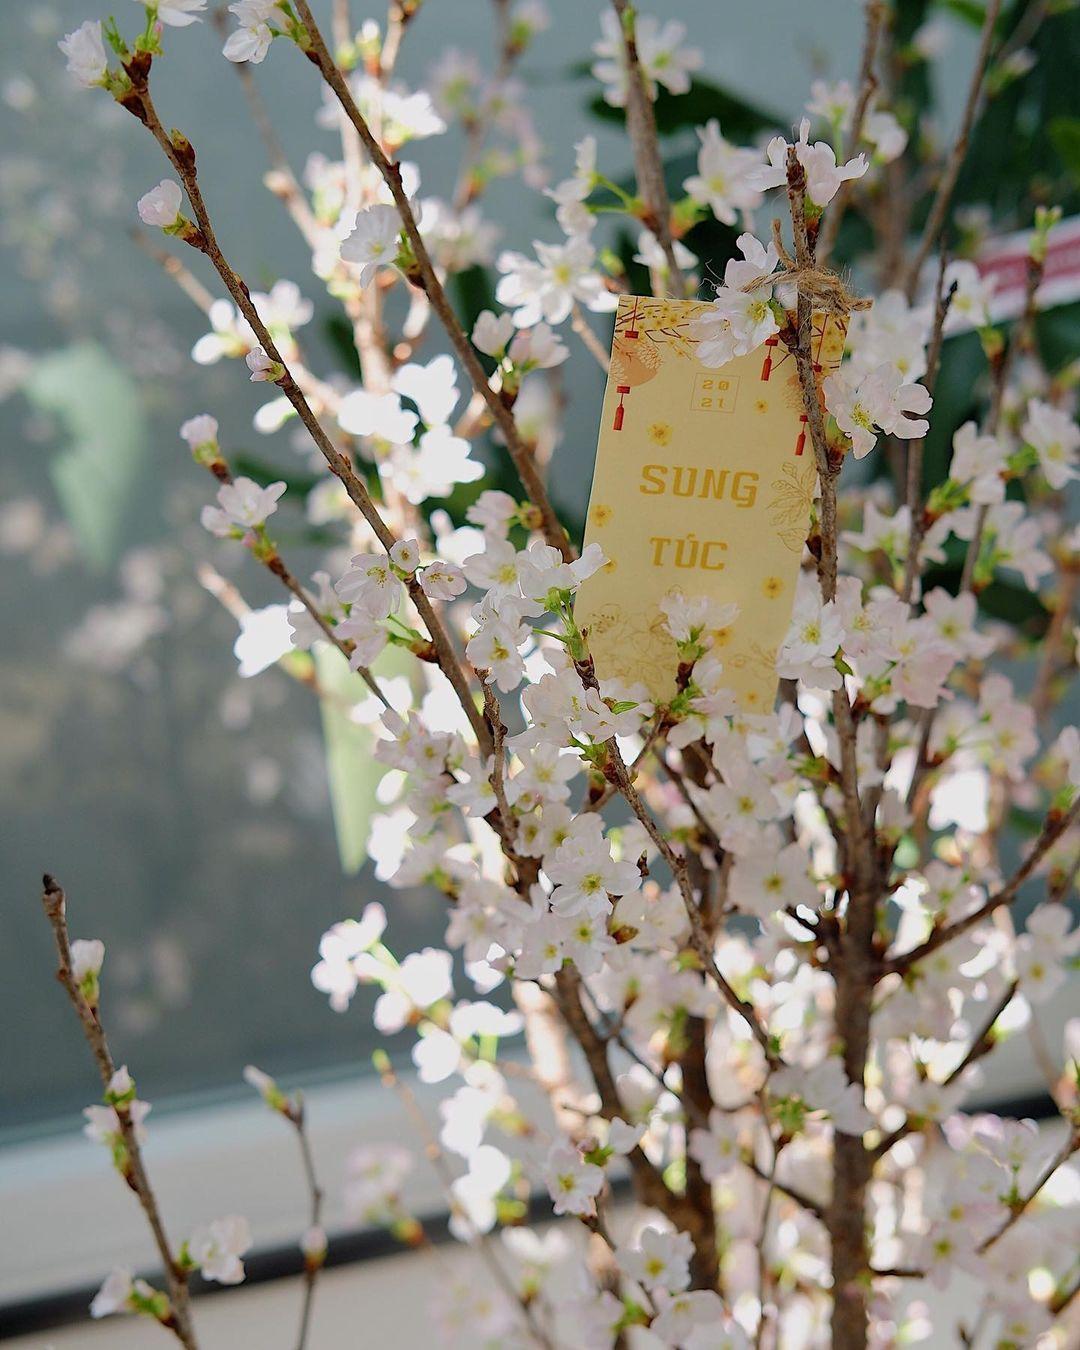 Hoa chơi Tết: Sakura Nhật được hội sành điệu mê tít, giá cao nhưng vẫn lọt top hoa siêu hot - Ảnh 5.